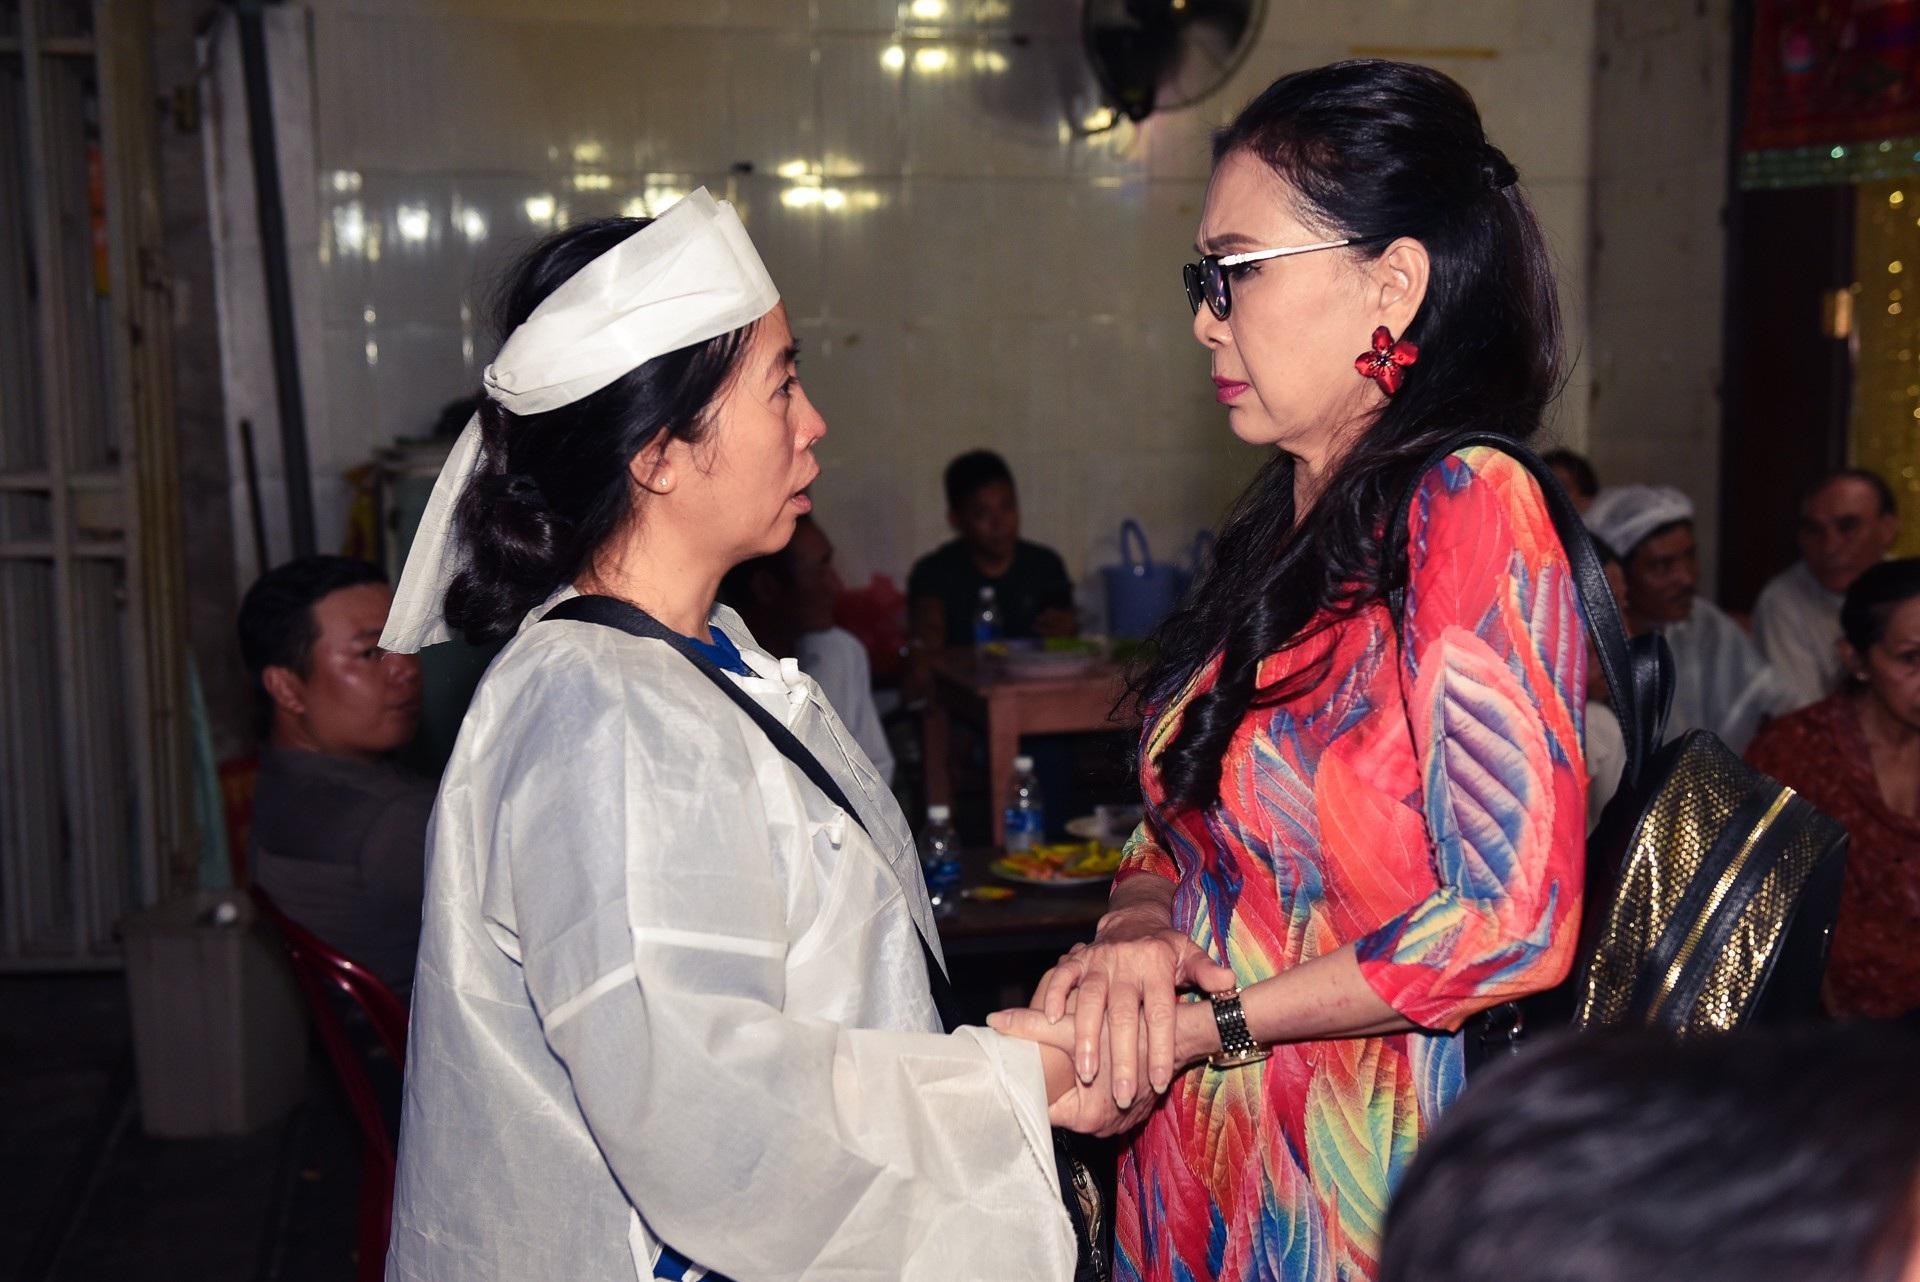 Kim Xuân, Quyền Linh, Anh Đức… xúc động khi đến viếng diễn viên Mạnh Tràng - Ảnh 4.